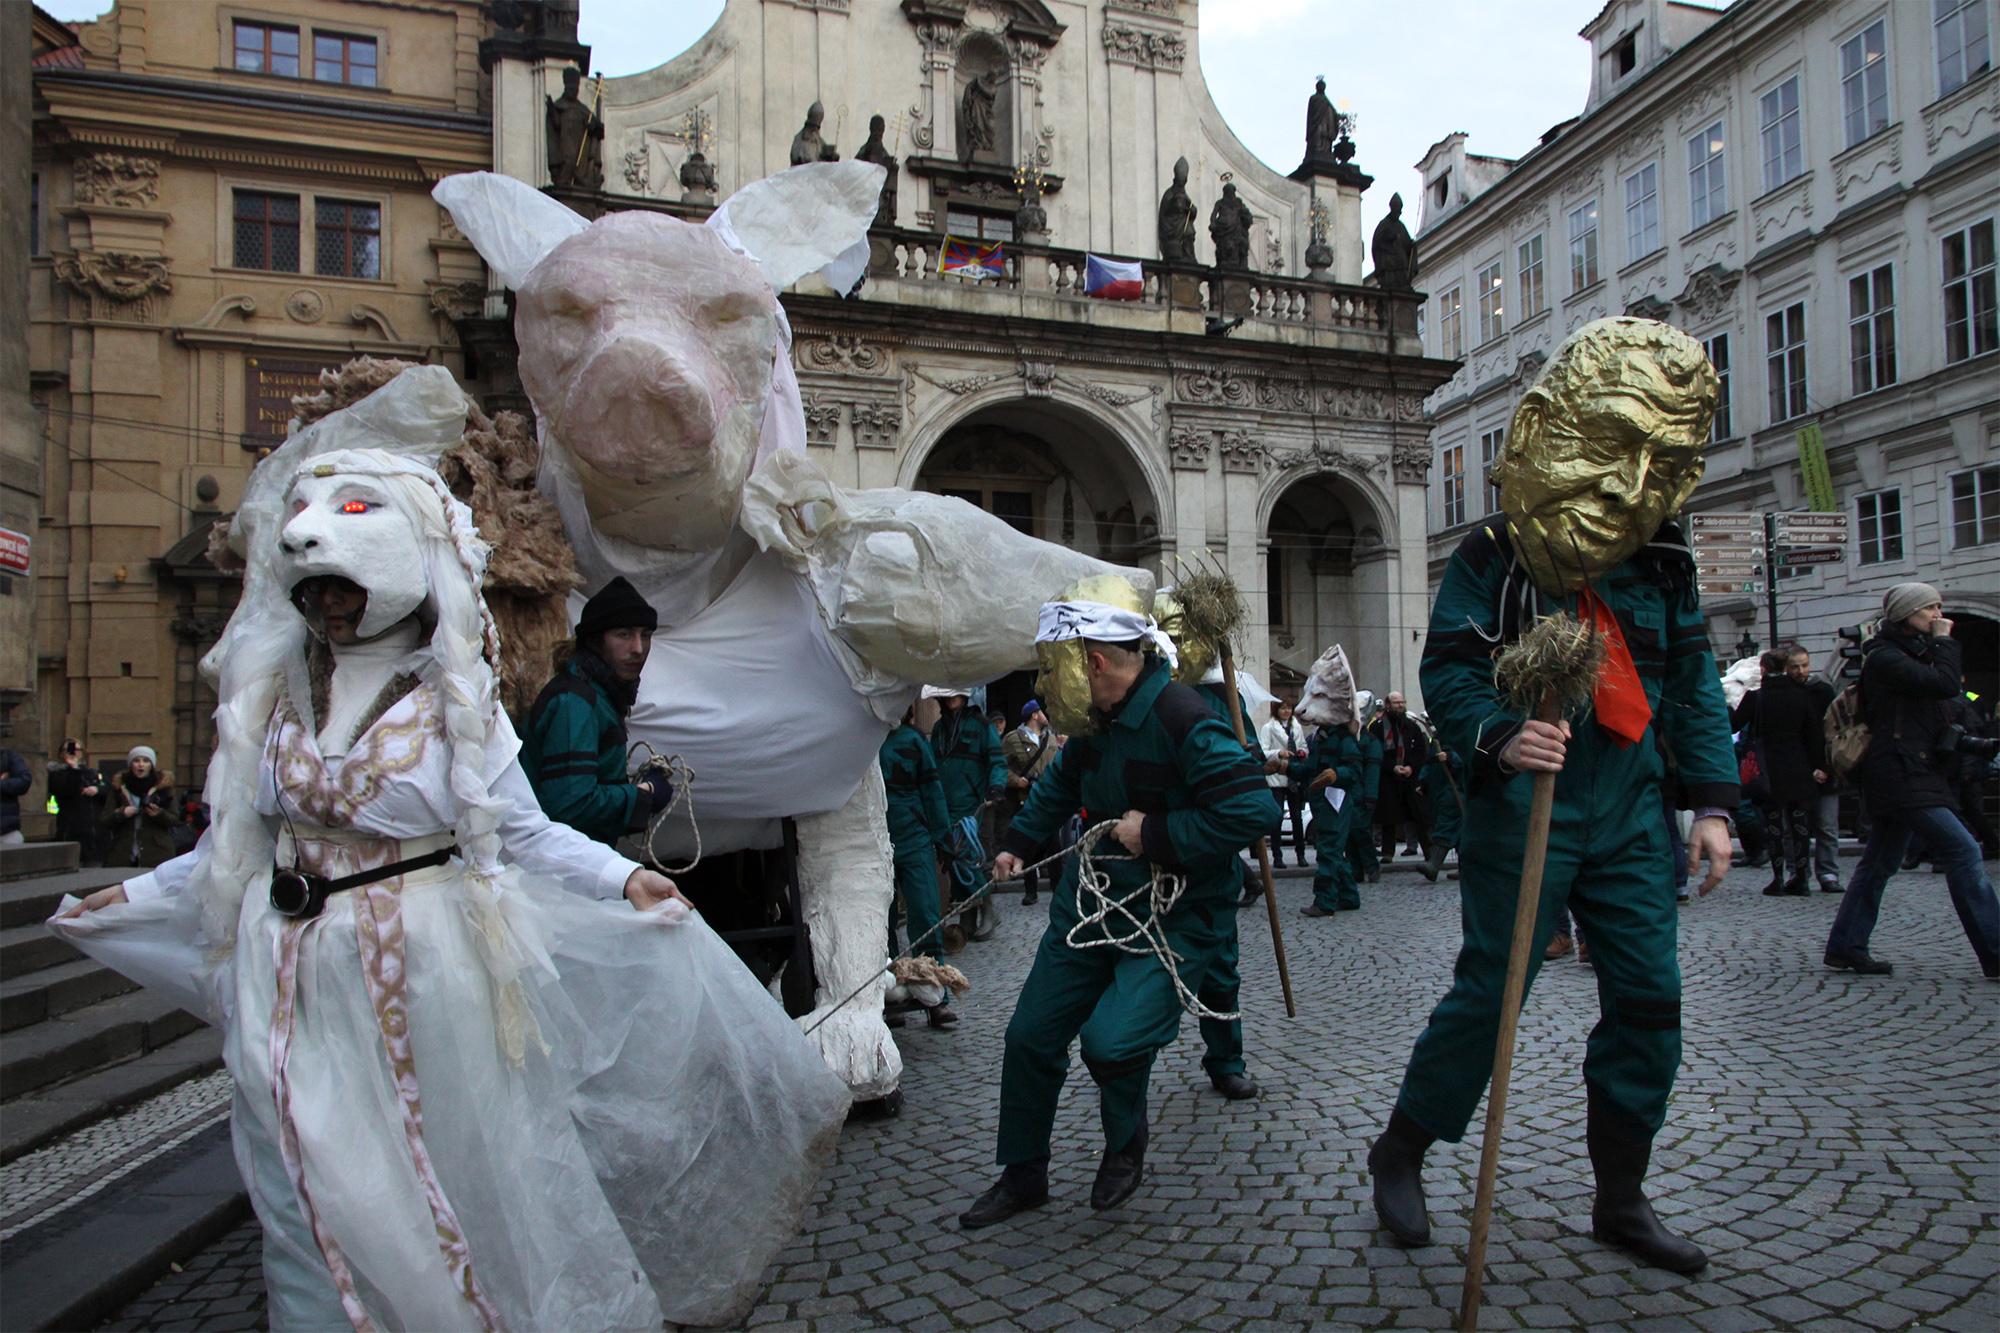 Die tschechische Version des Fasnachtssujets: Am Gedenktag der «Samtenen Revolution» bekommen die Politiker einen Spiegel vorgehalten. Dabei werden Ideen aus Basel eingewoben.